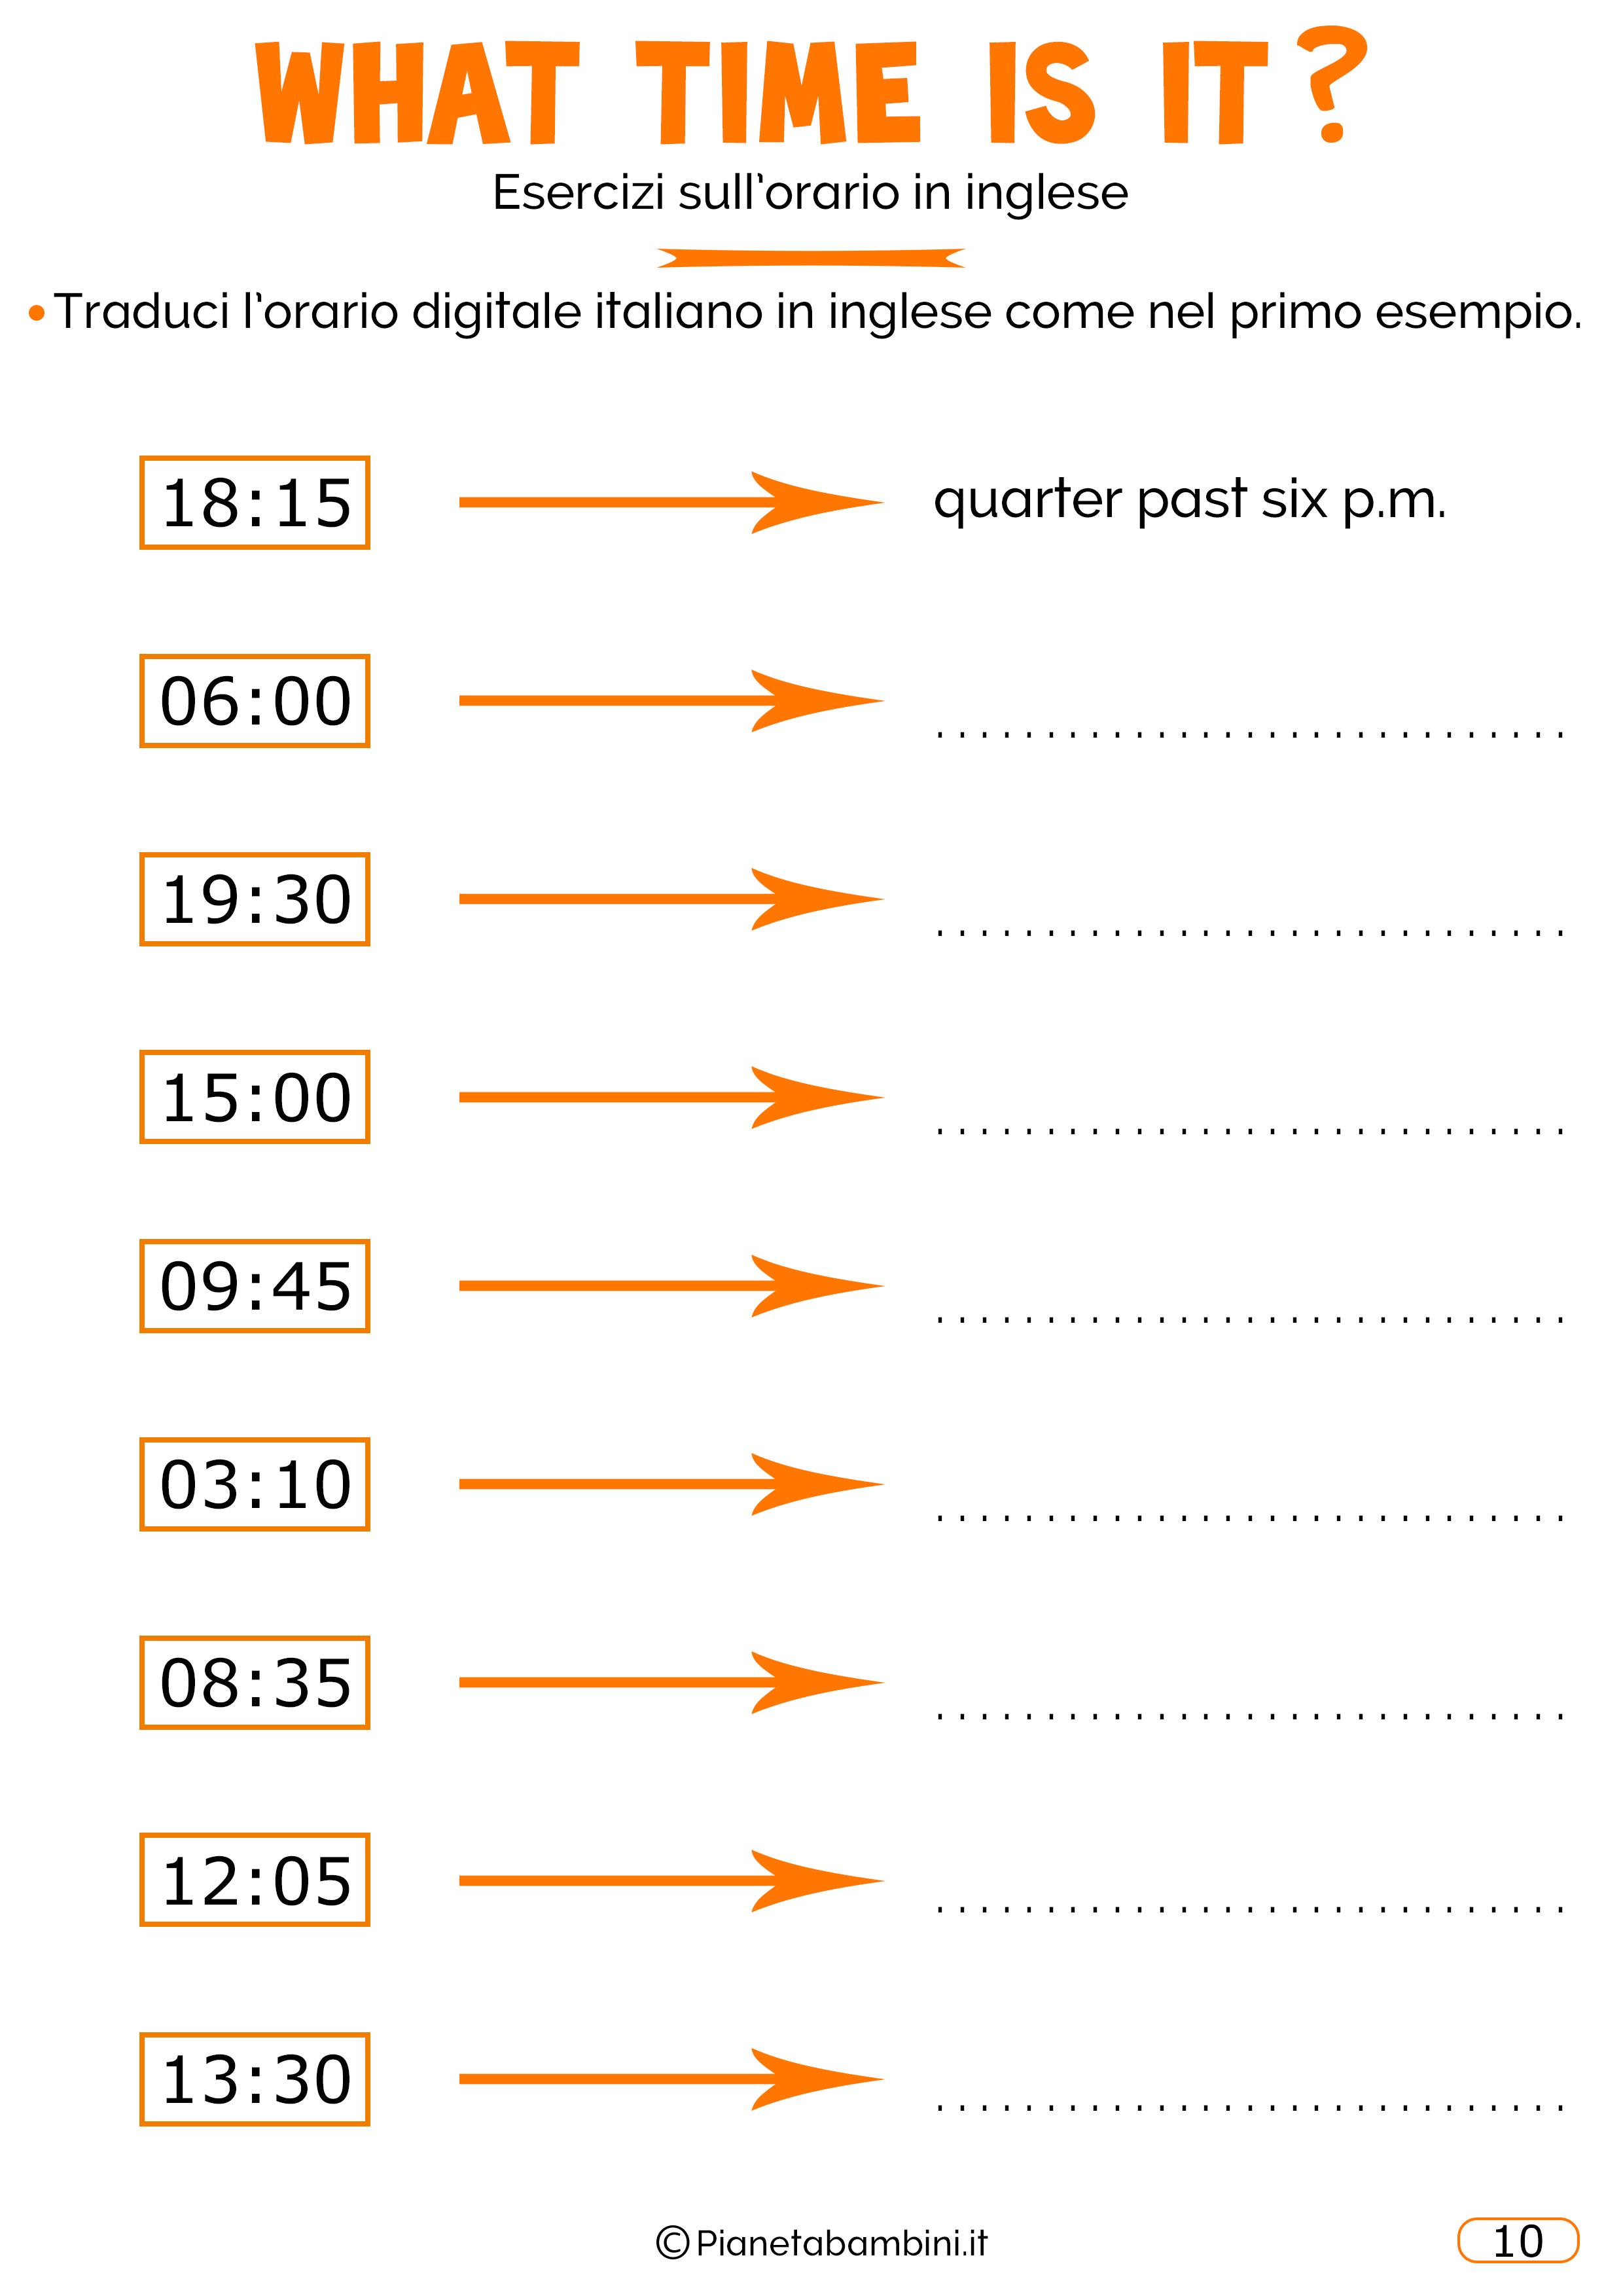 Scheda didattica sull'orario in inglese 10